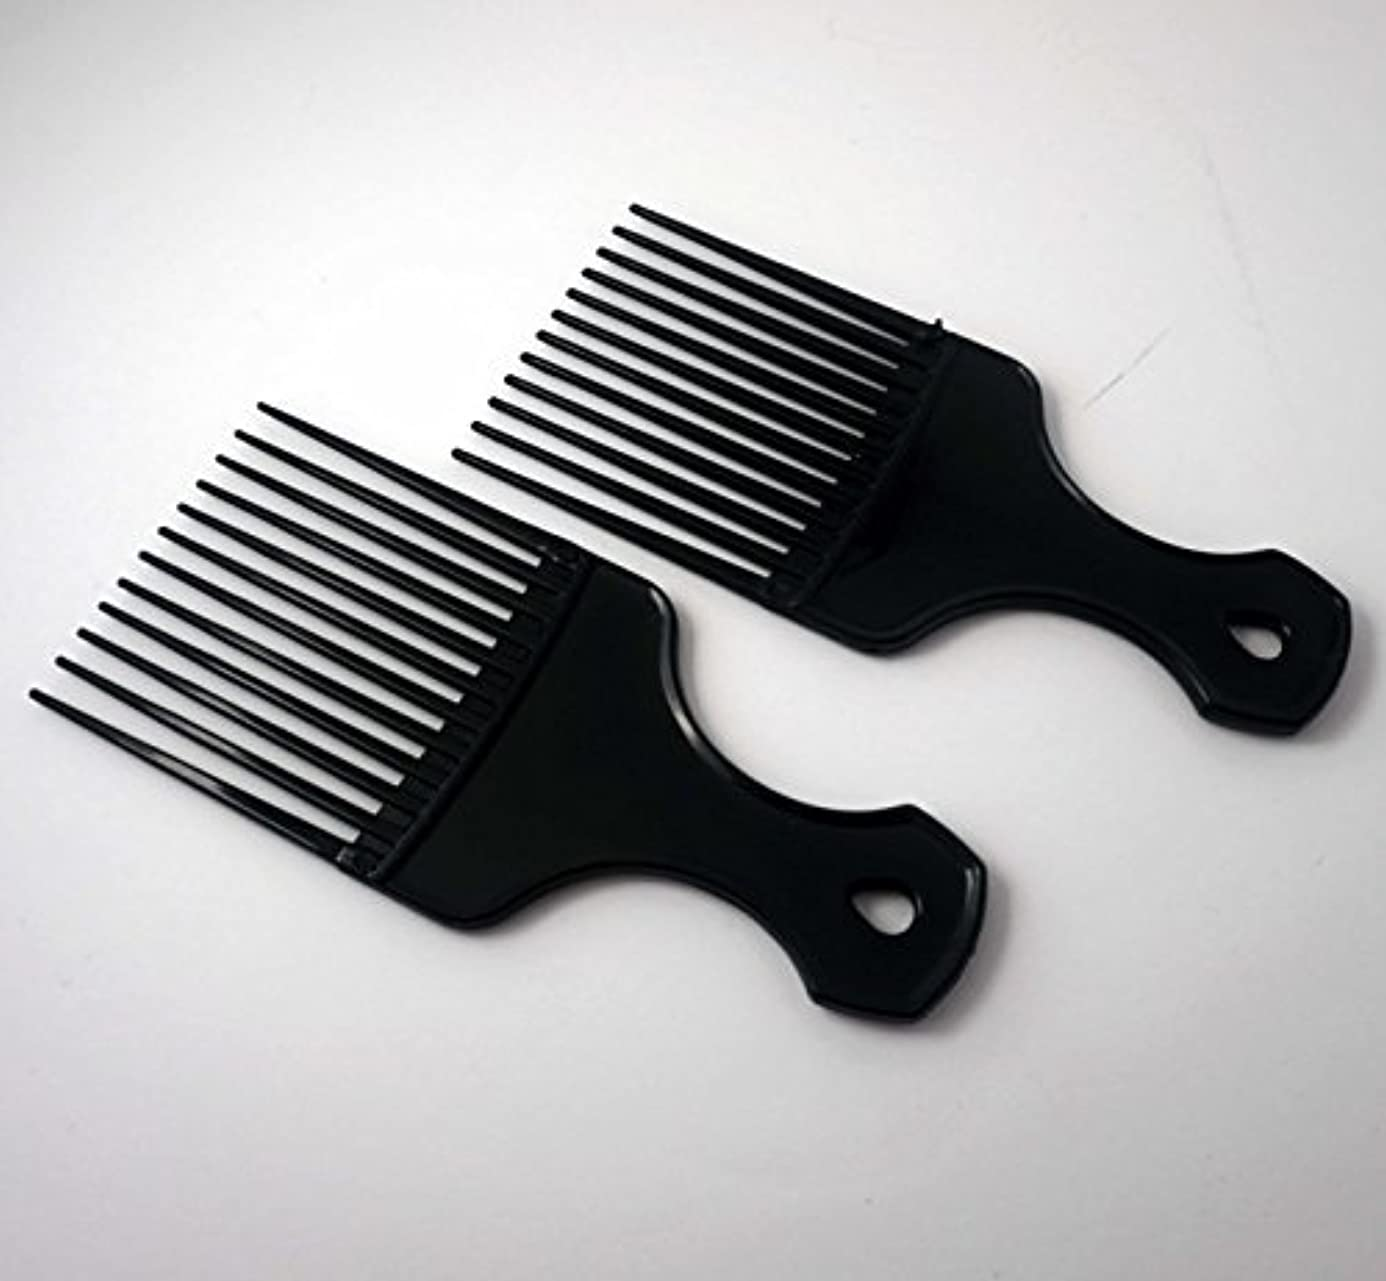 ネックレス期待季節7in Plastic Pick Comb [並行輸入品]